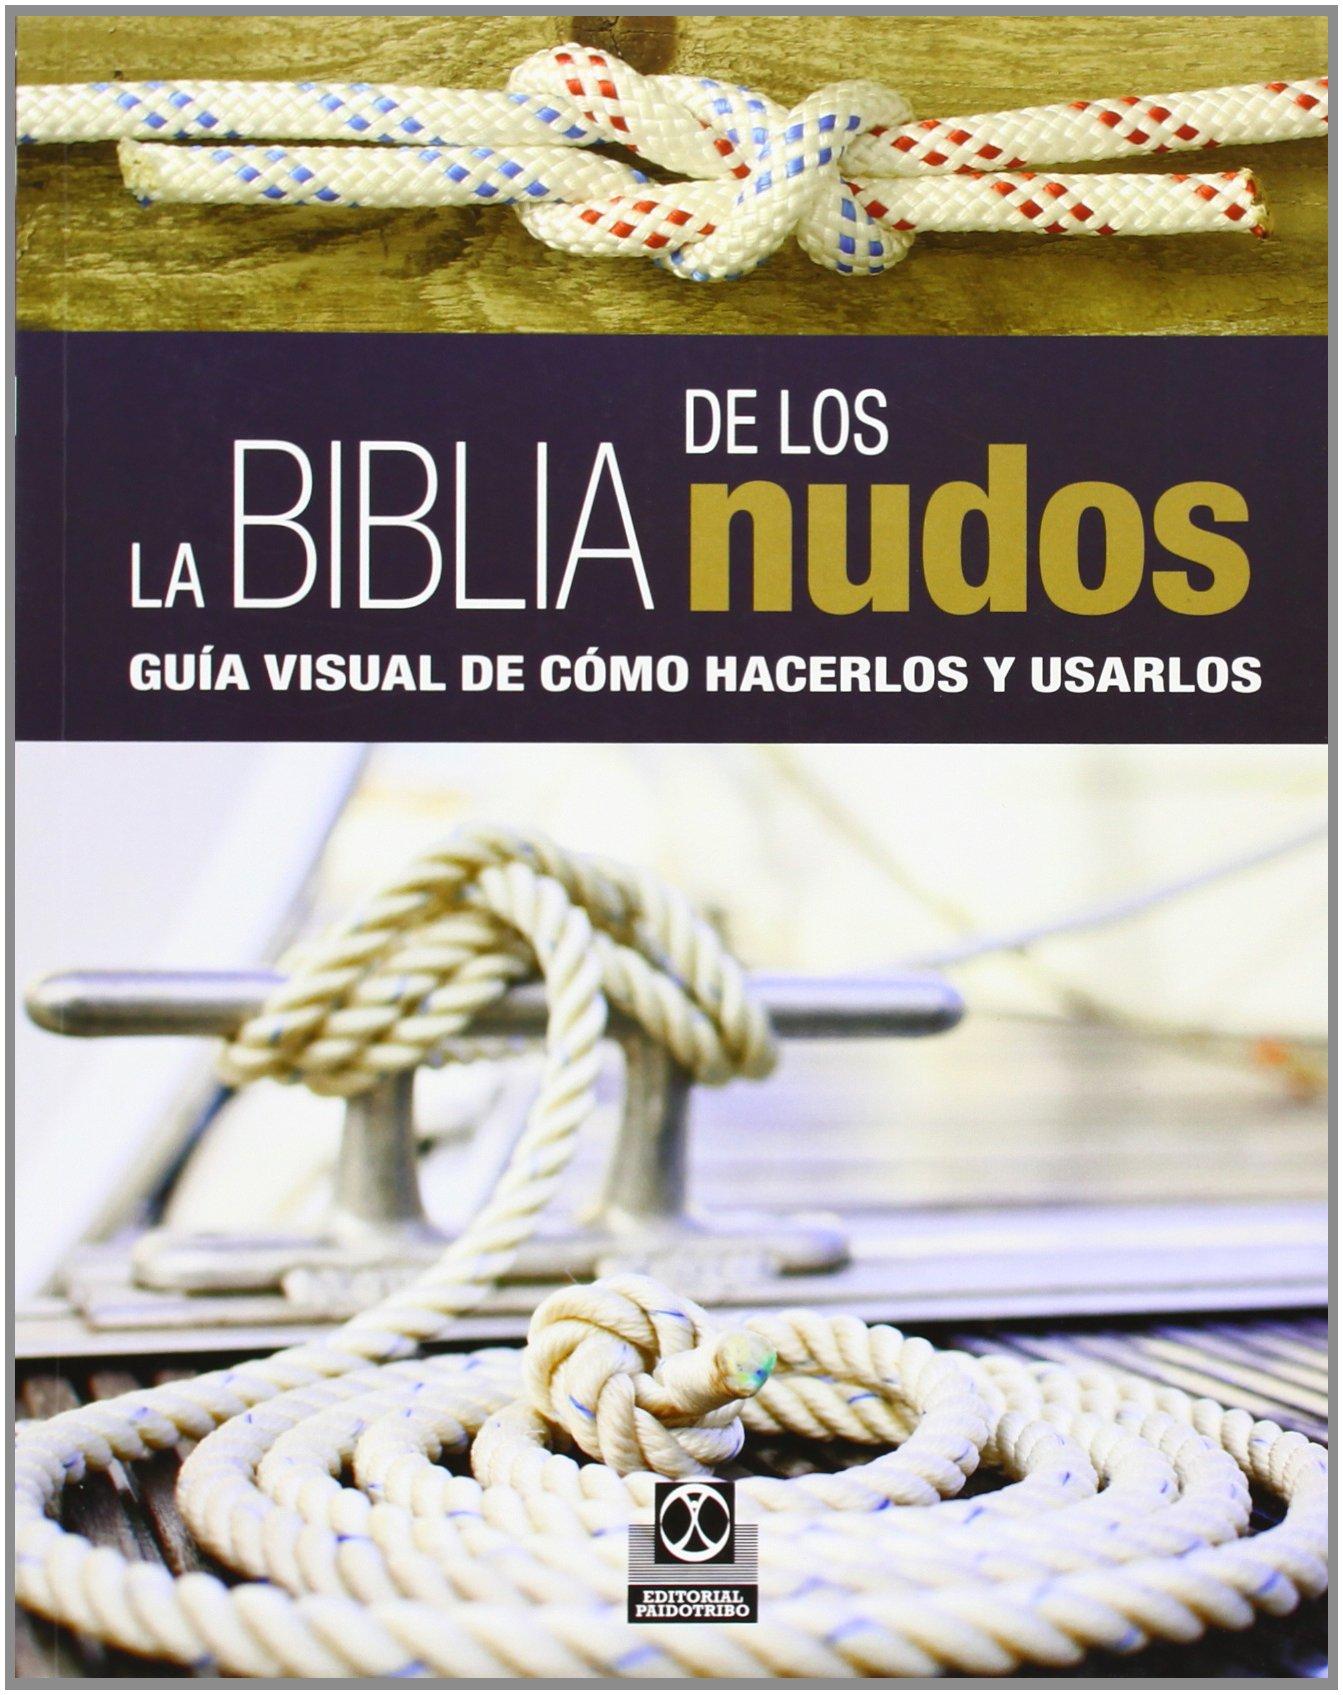 La biblia de los nudos. Guía visual de cómo hacerlos y usarlos (Color) (Libro Práctico)